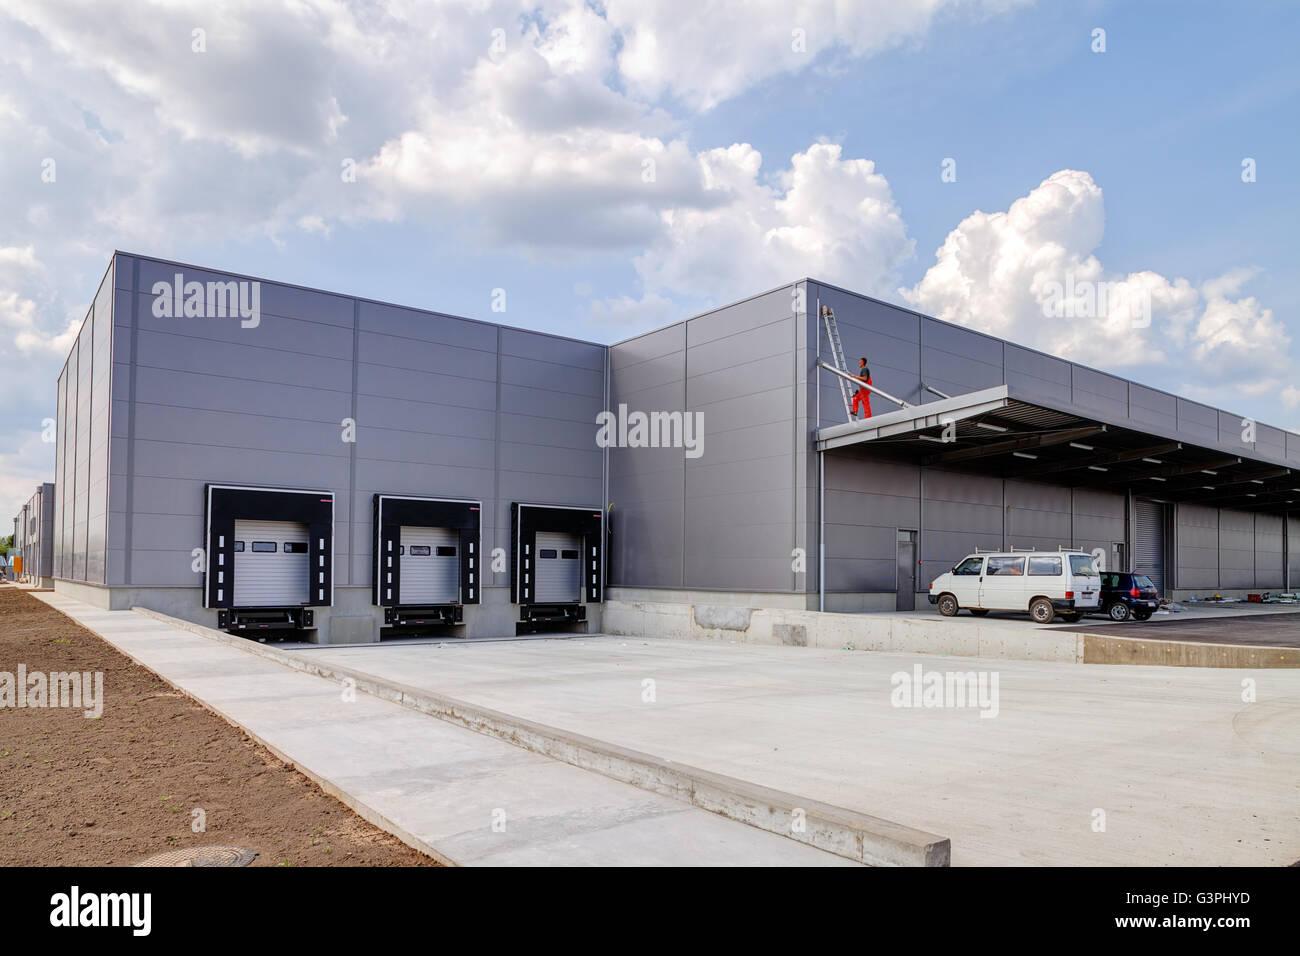 Perspektivische Ansicht der Produktionshalle und Parkplätze Stockbild